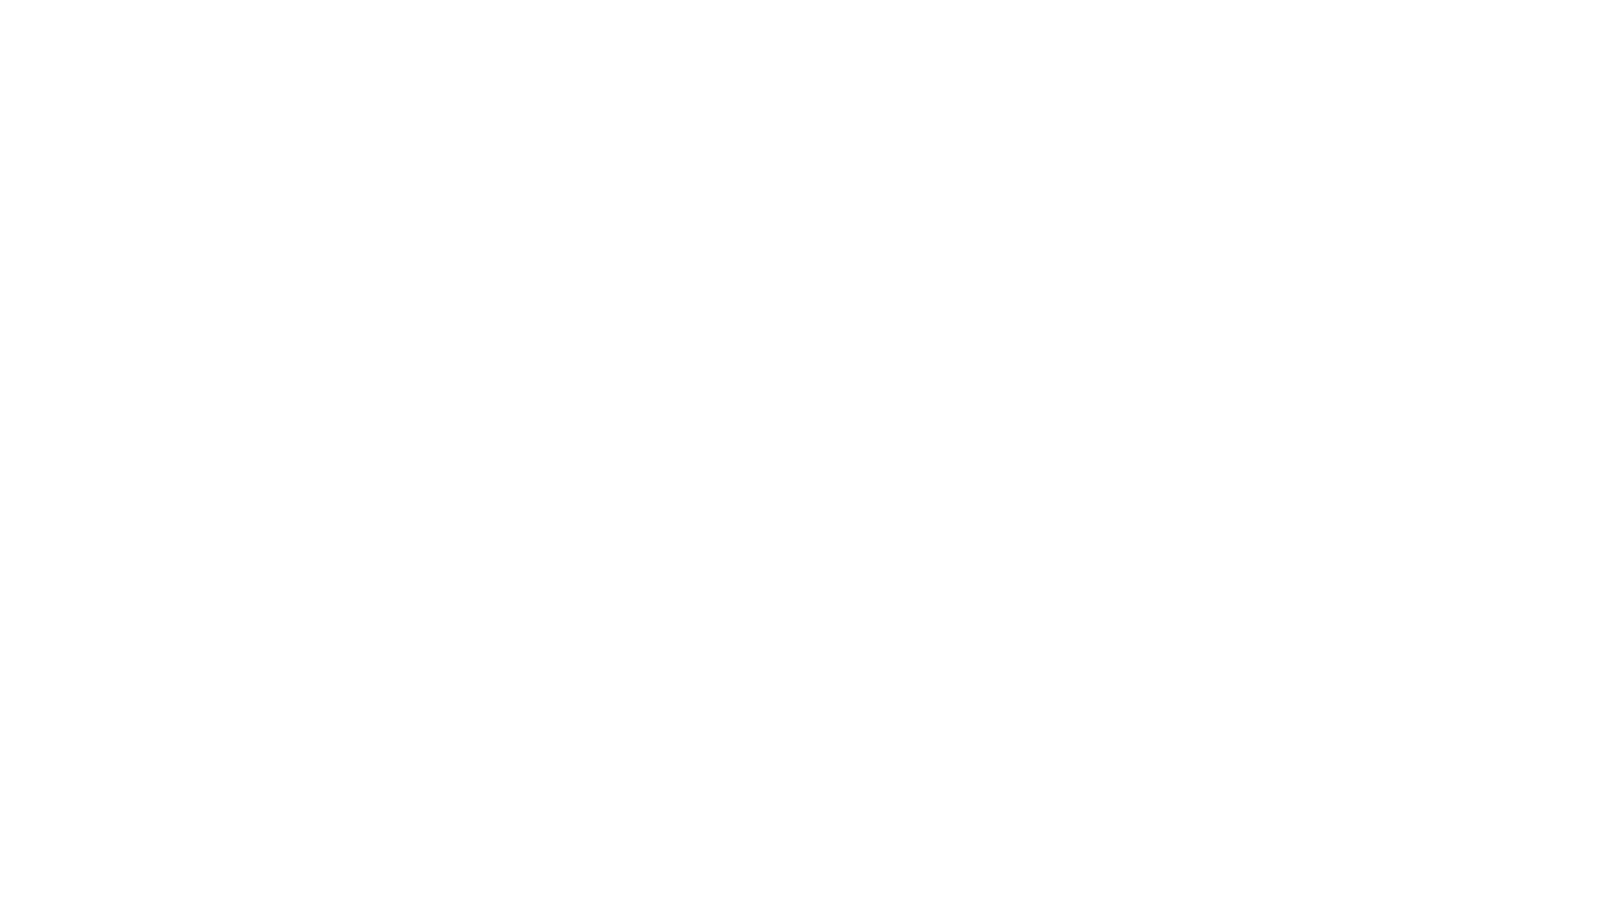 En la nueva entrega de 'TALKS', Pedro Aparicio, editor de prnoticias.com, entrevista a Enrique Pascual, CEO y Fundador de IndiePR que analiza la nueva sociedad y las nuevas formas de comunicar, dando una importancia central al trabajador, que es el eje fundamental sobre el que se vertebran los proyectos de la empresa.